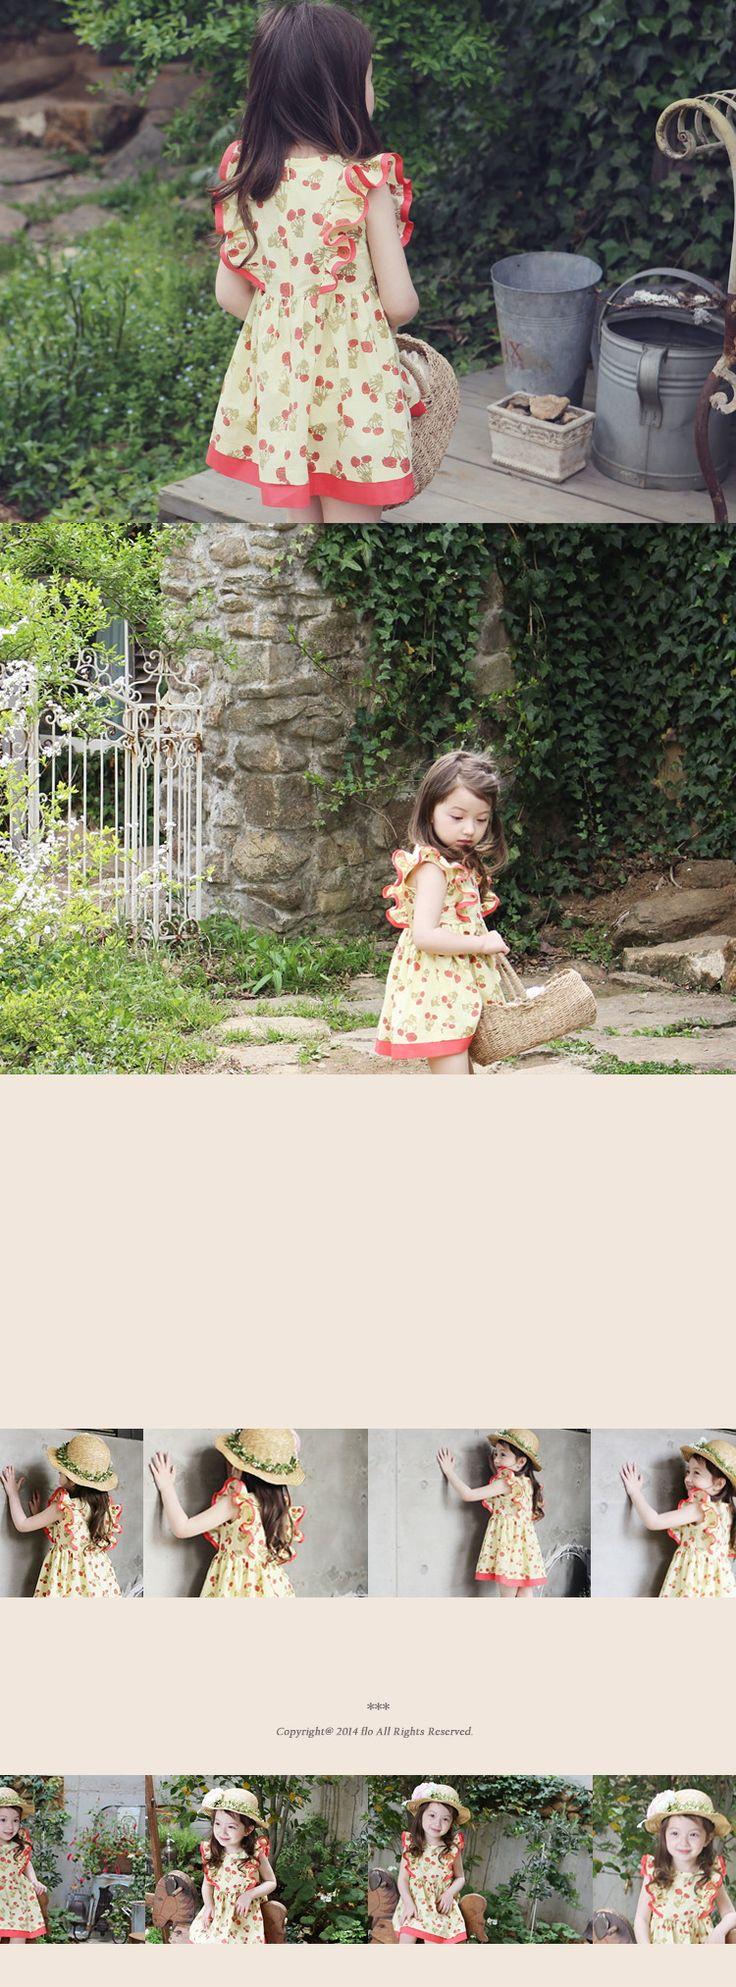 かわいい子供服 | ベビー服 | キッズファッション輸入通販のセレクトショップ【Peach Baby】Flo デイジワンピース